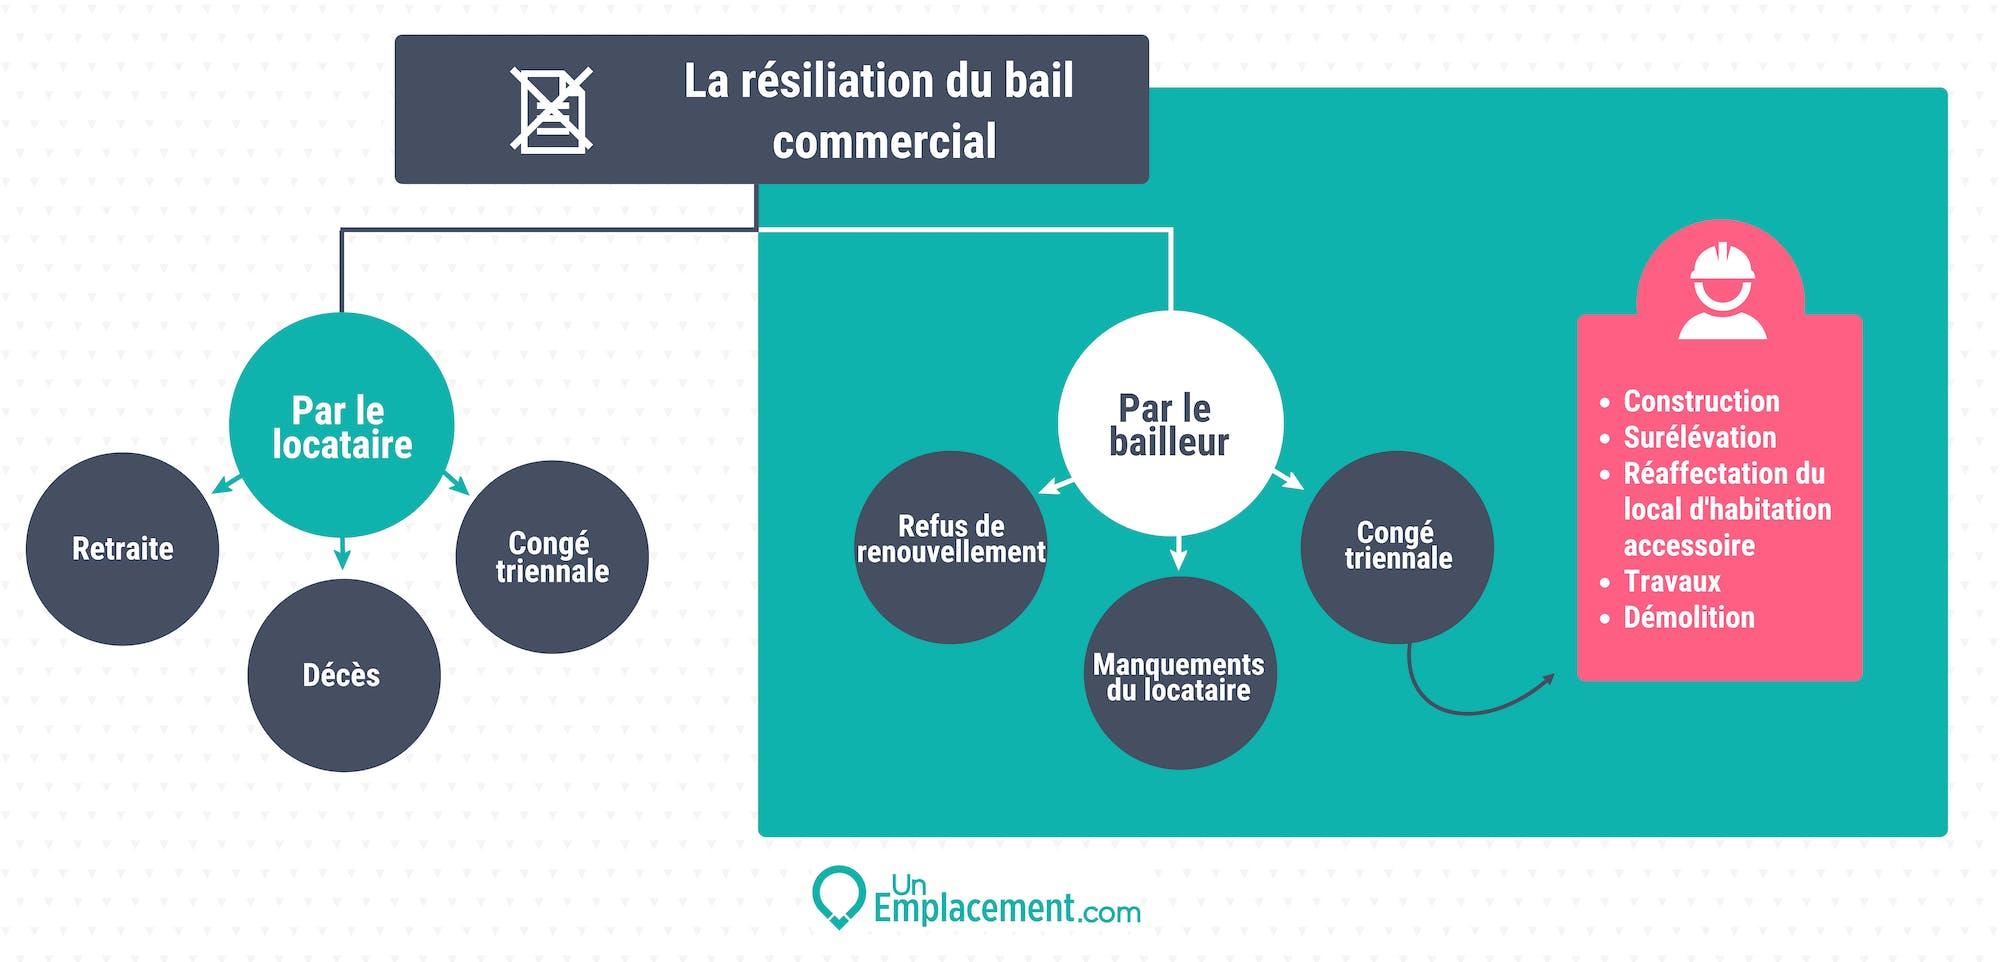 Infographie sur la résiliation du bail commercial